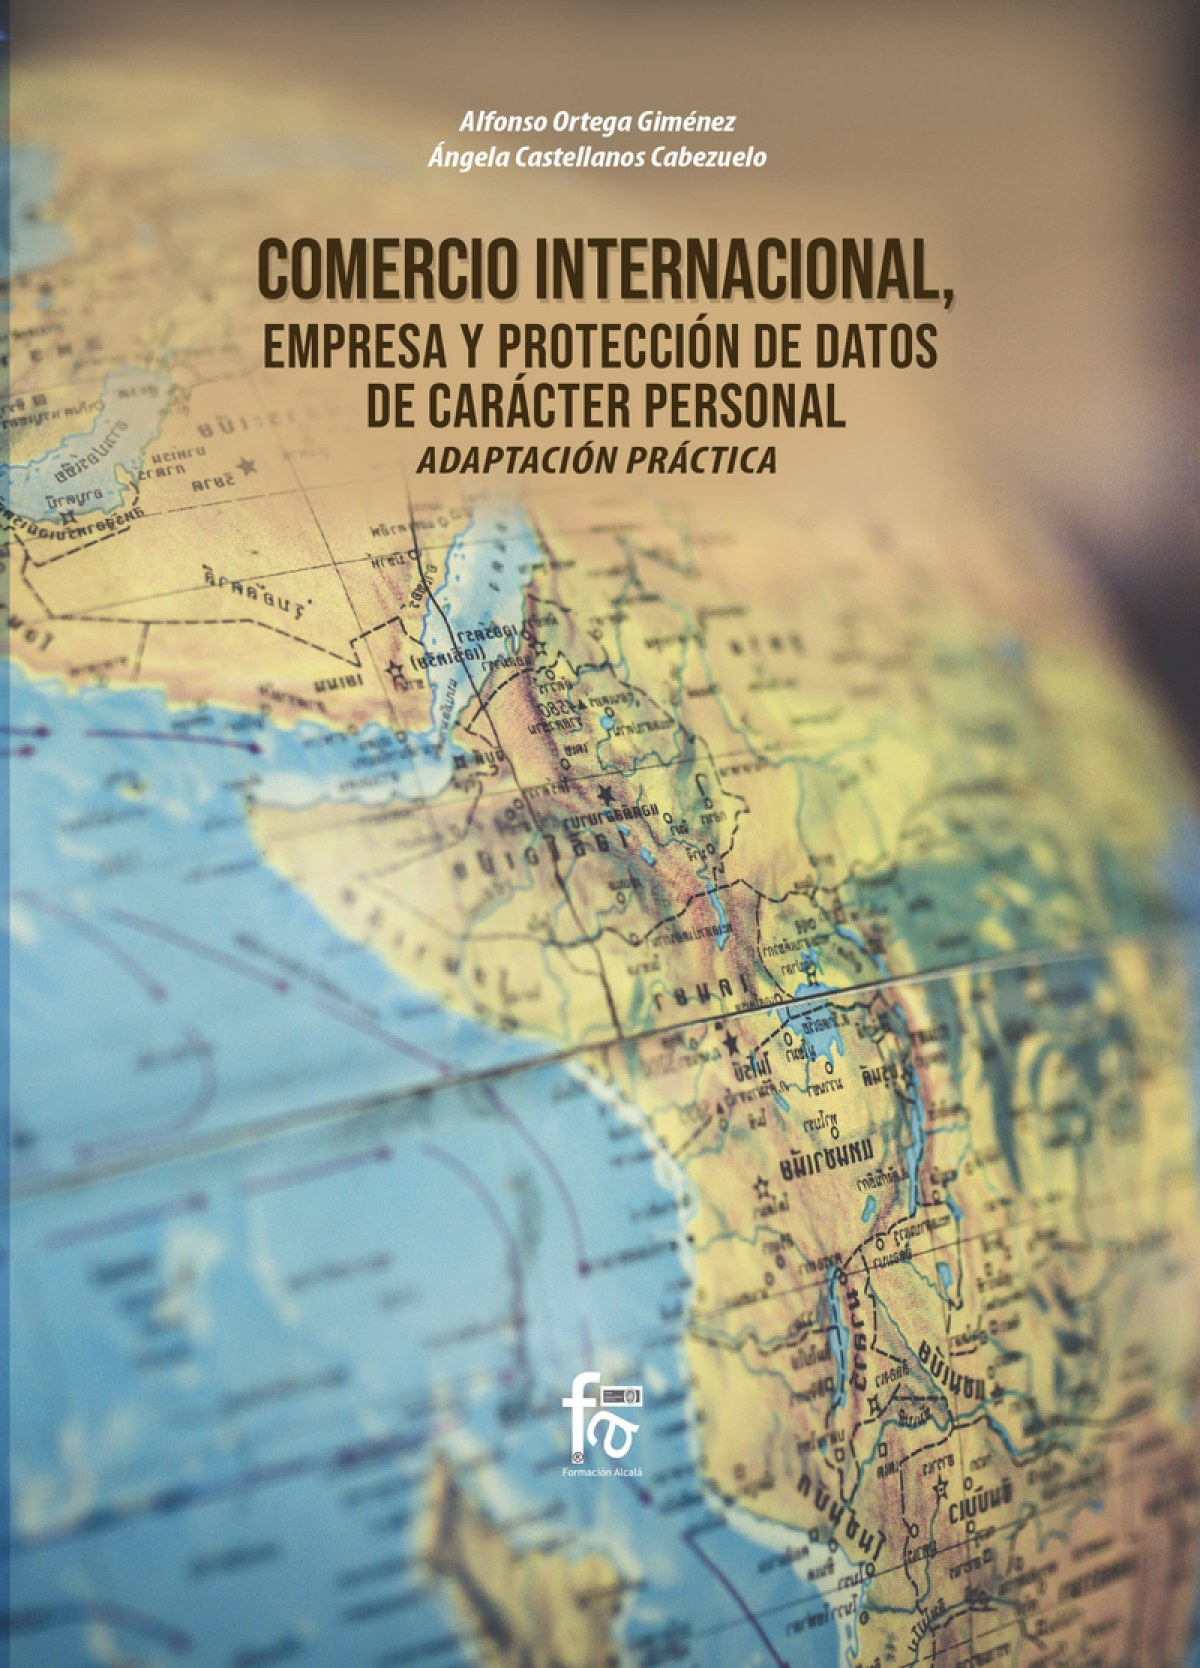 COMERCIO INTERNACIONAL, EMPRESA Y PROTECCION DE DATOS DE CARACTER